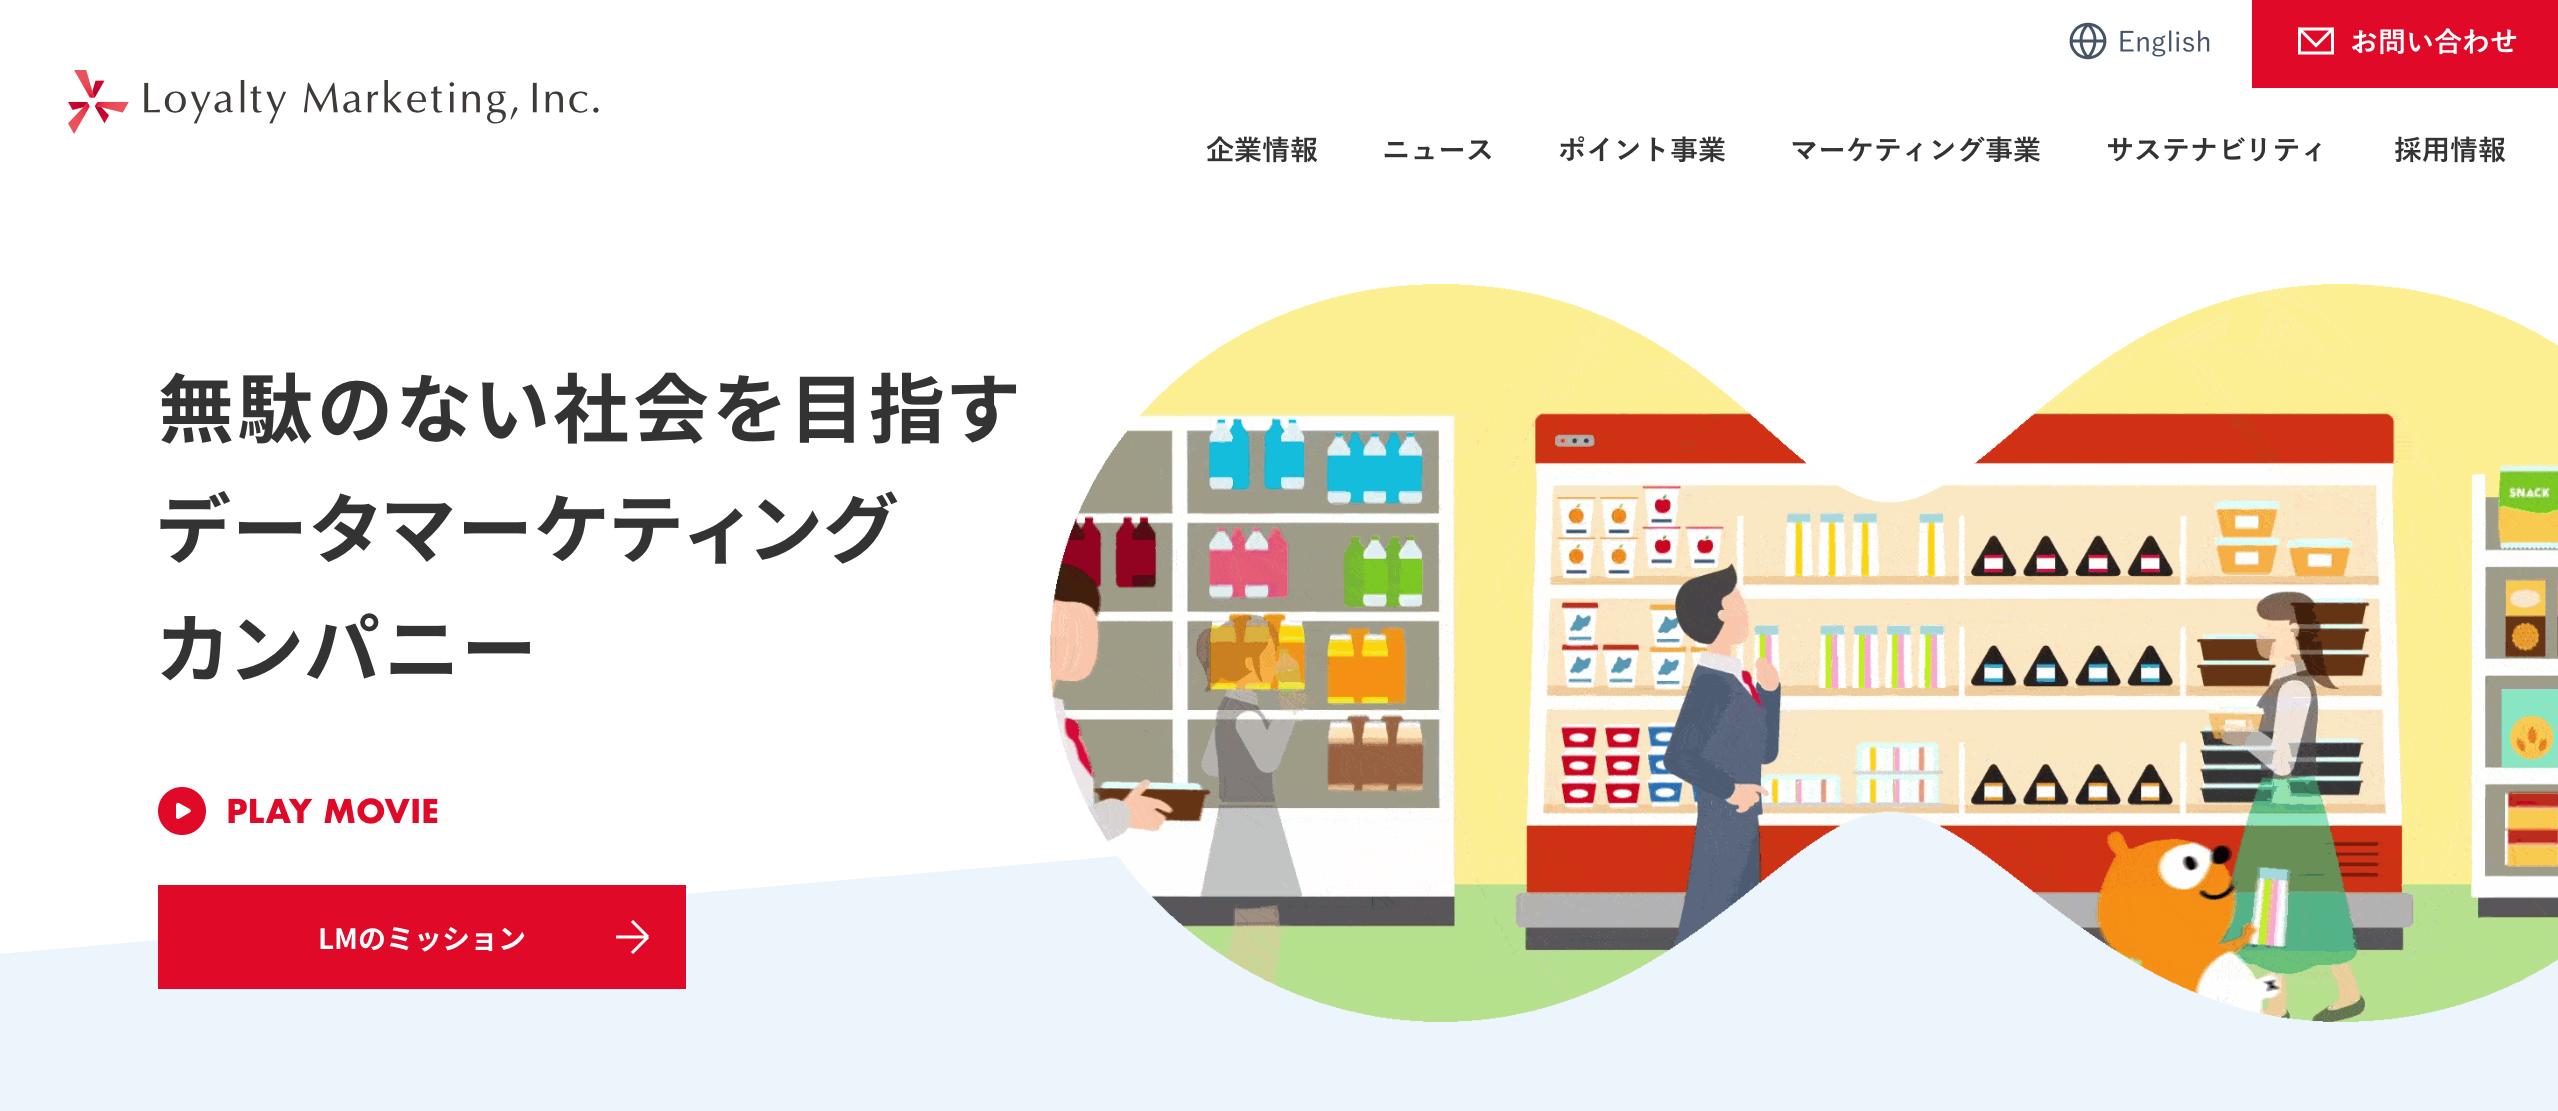 ロイヤリティマーケティング_サイトtop